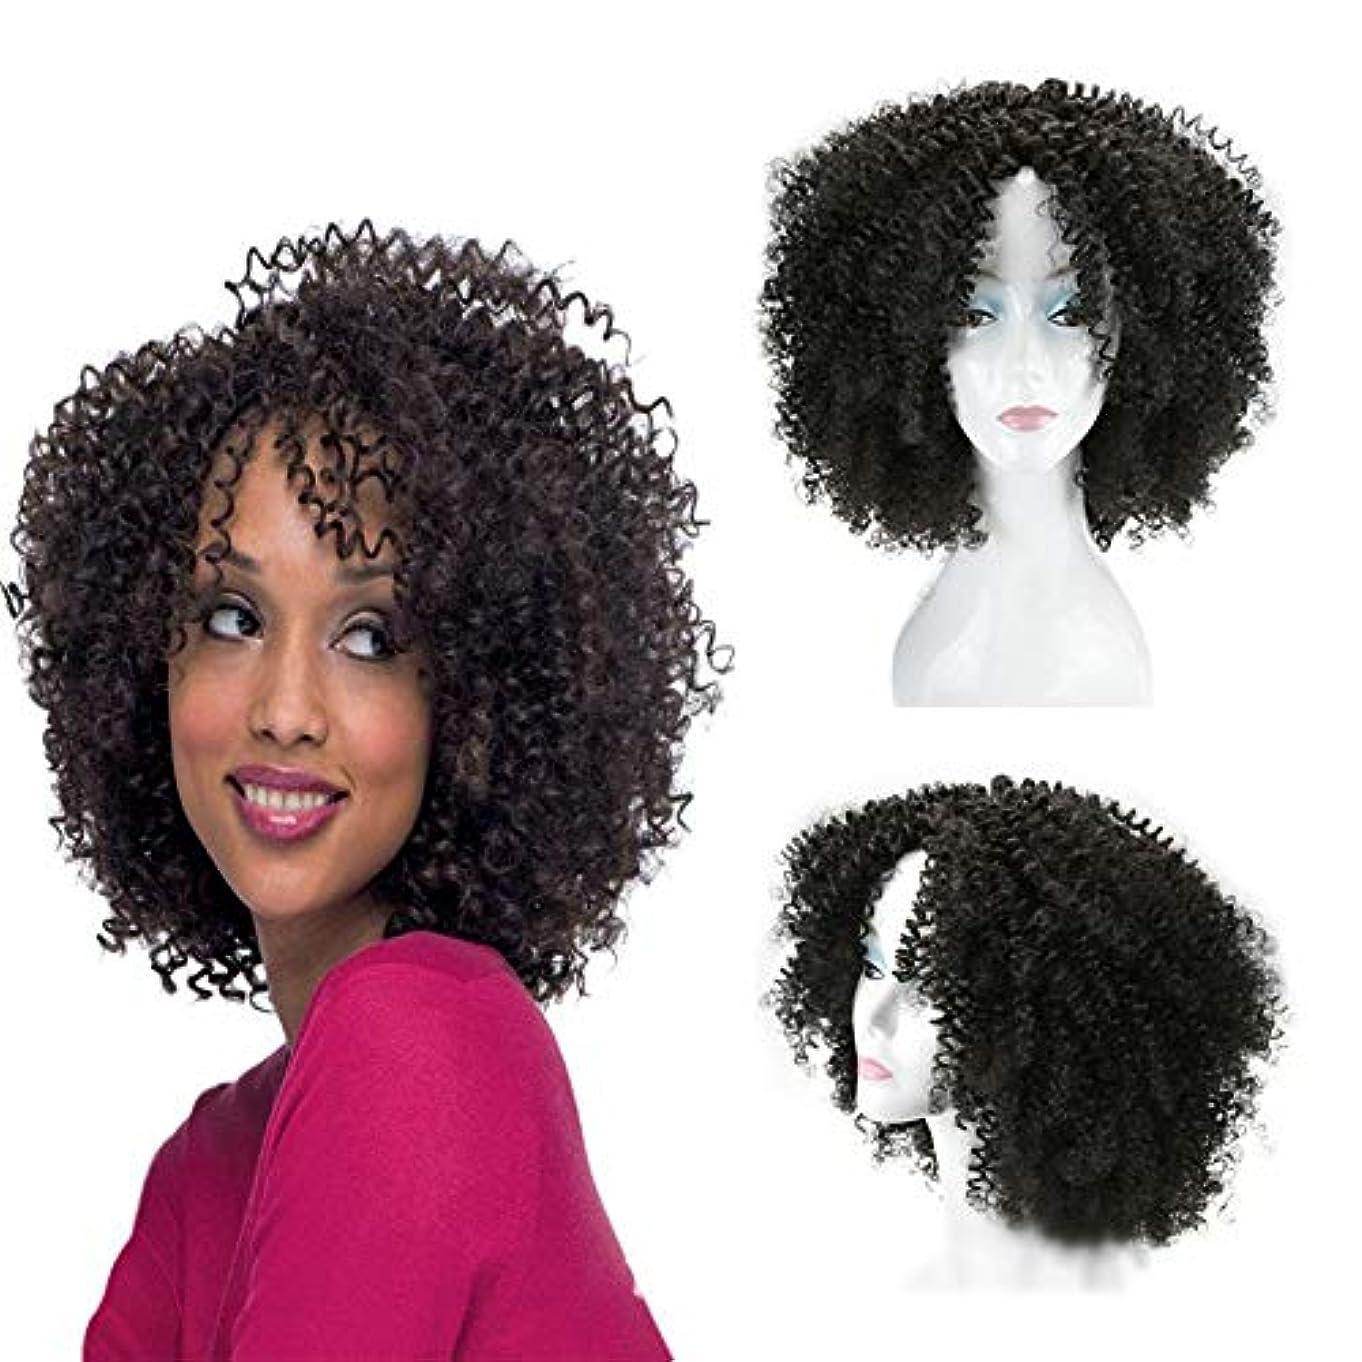 生並外れた開発するYOUQIU 16インチ変態カーリー黒爆発デイリーコスプレパーティードレスウィッグ用のヘッドの女性のアフリカの小カーリーヘア (色 : 黒)